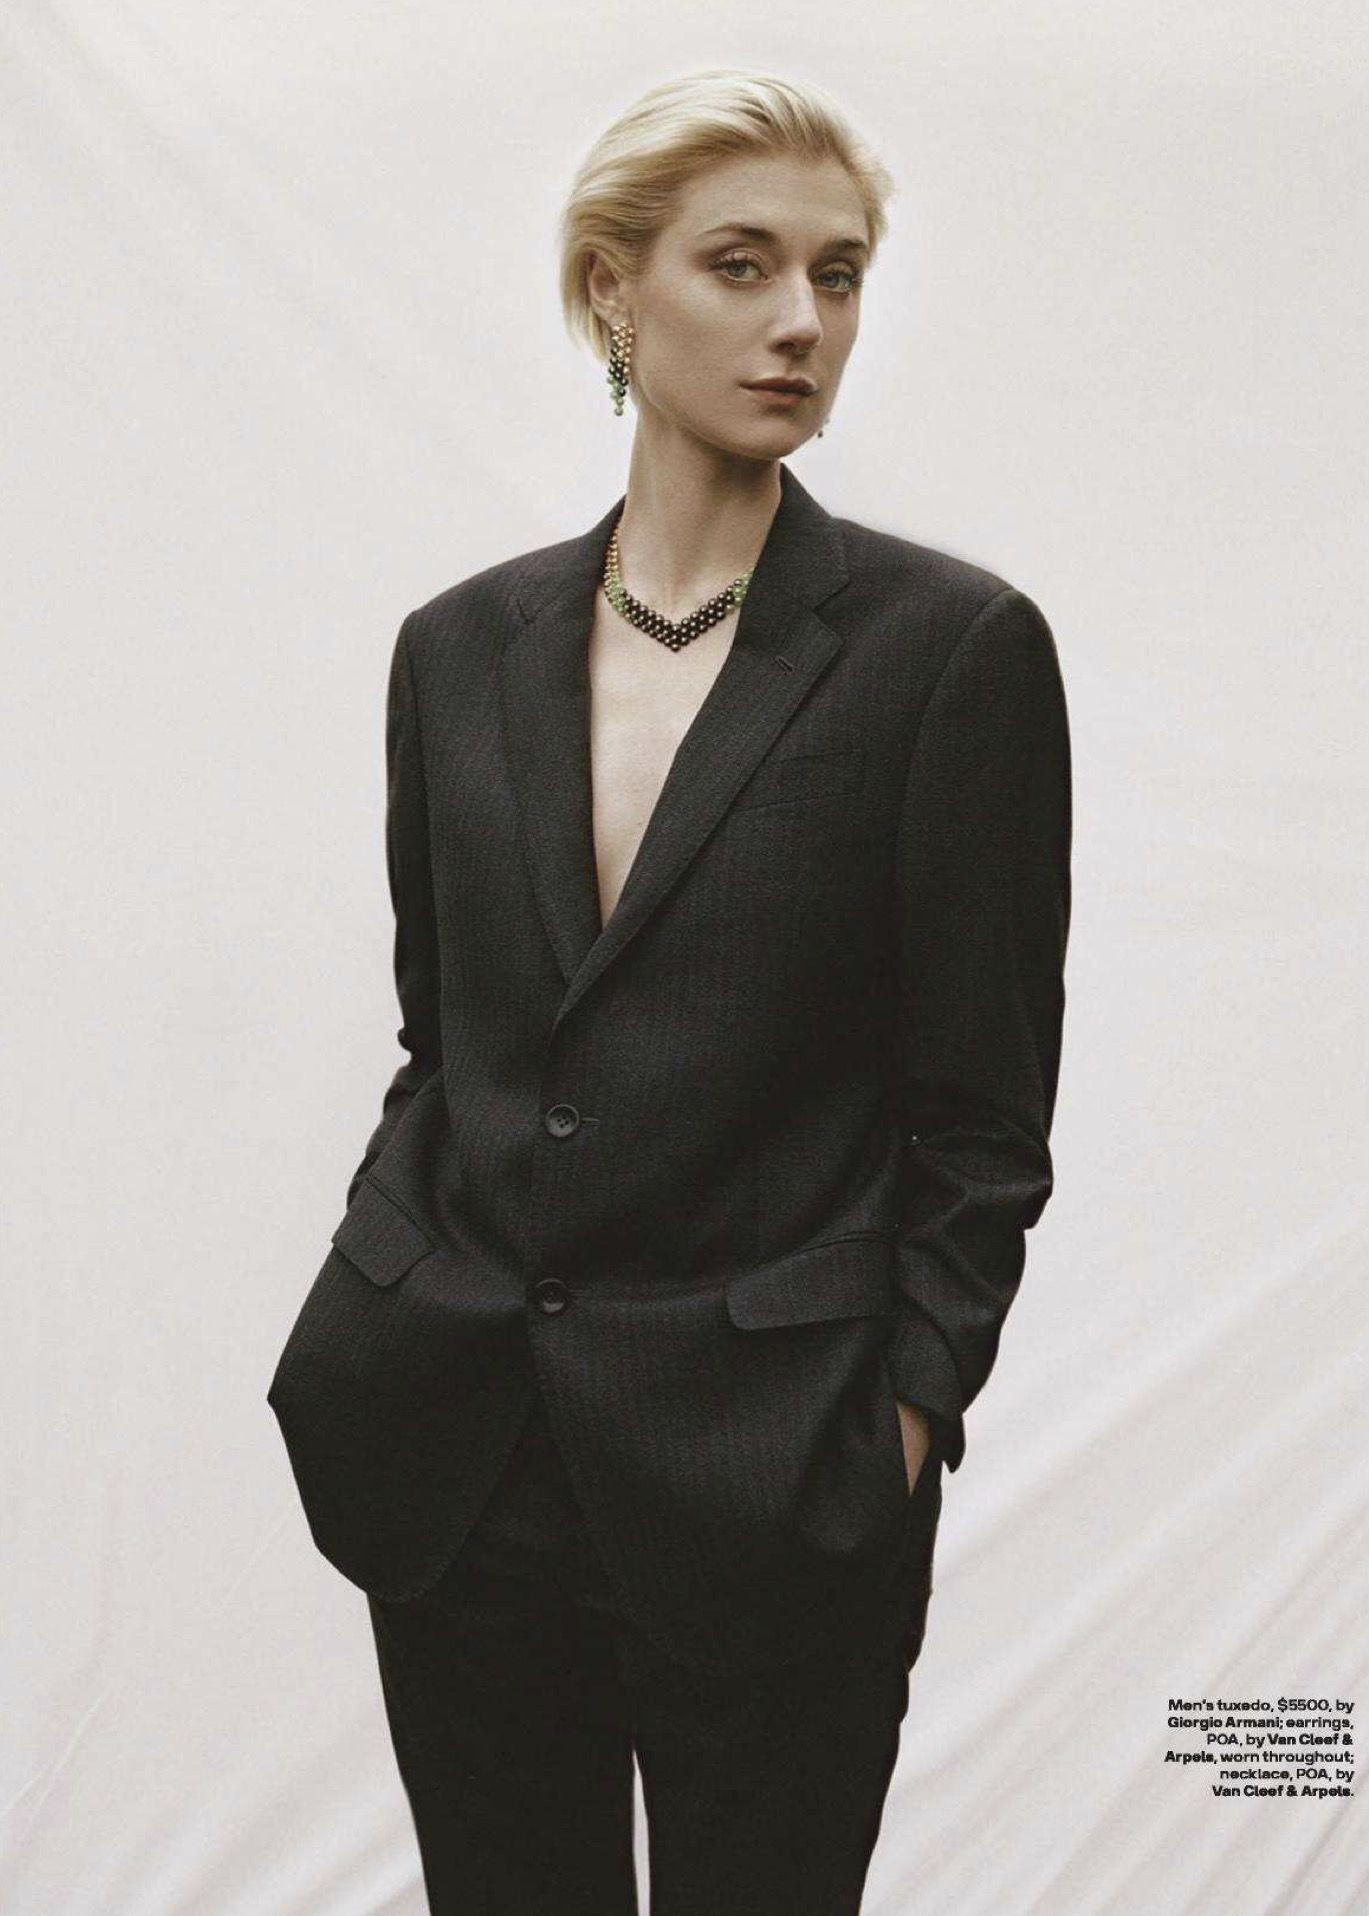 Elizabeth Debicki For Gq In 2020 Elizabeth Debicki Evan Rachel Wood Fashion